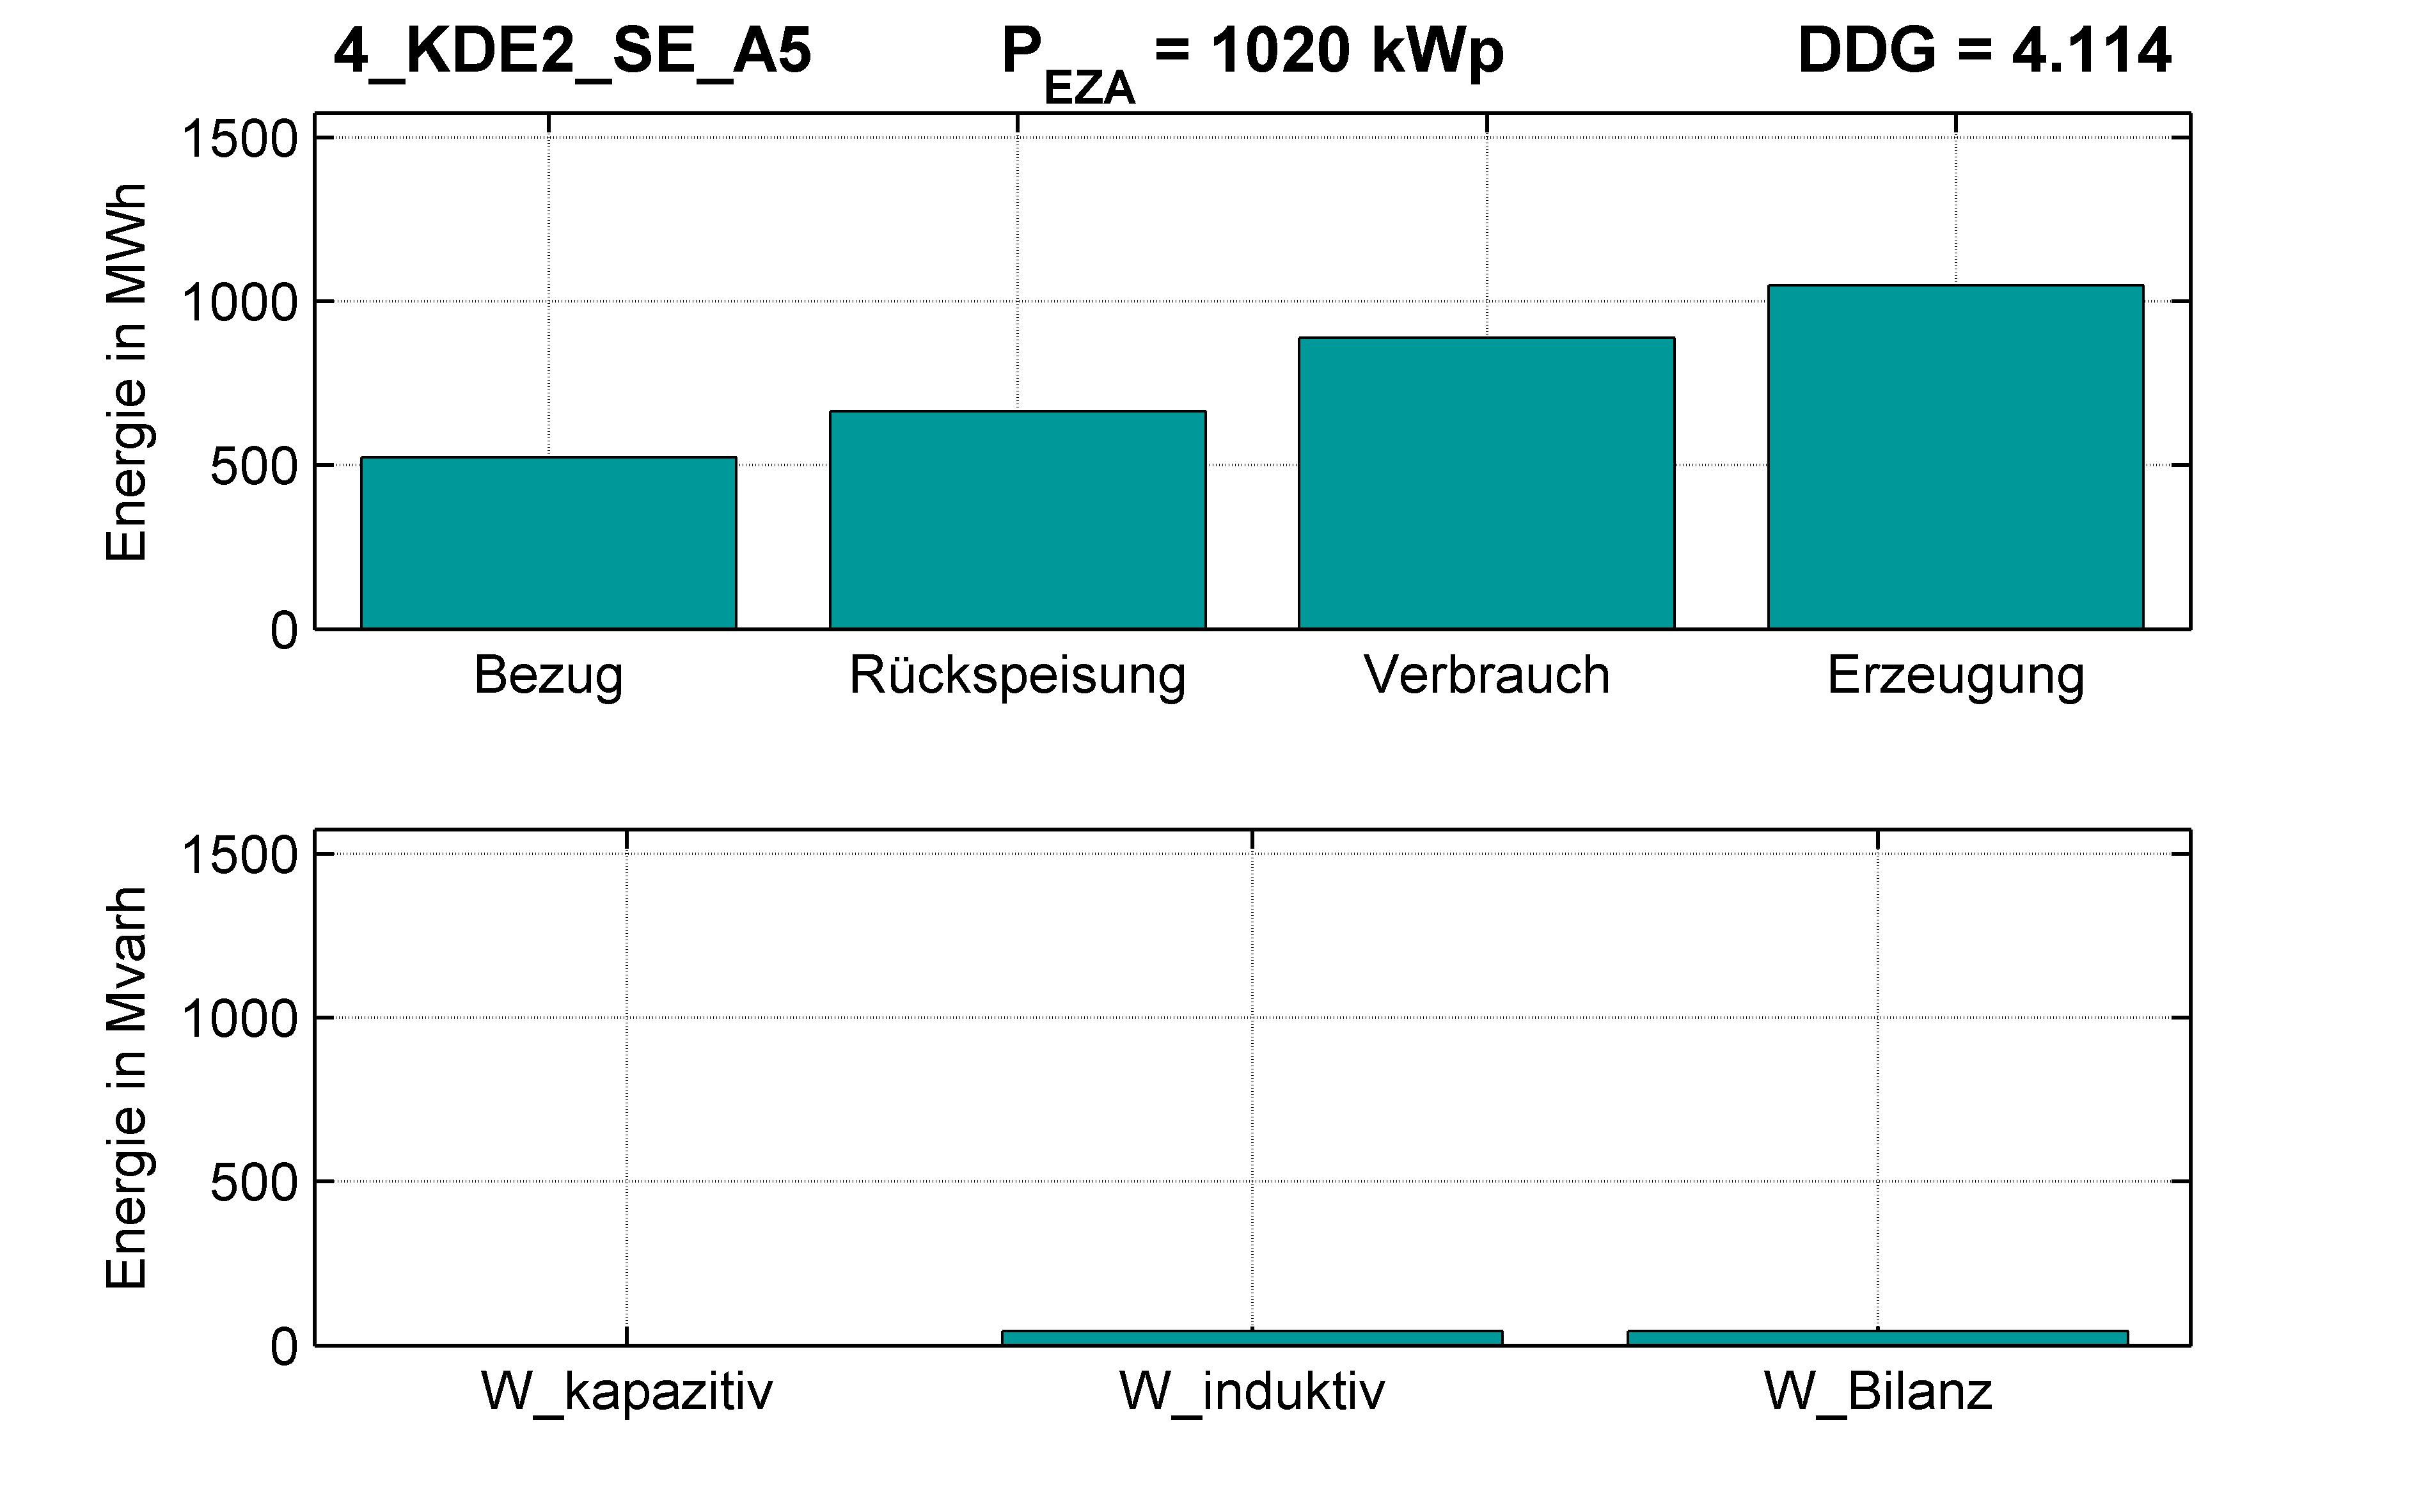 KDE2 | P-Kappung 55% (SE) A5 | PQ-Bilanz